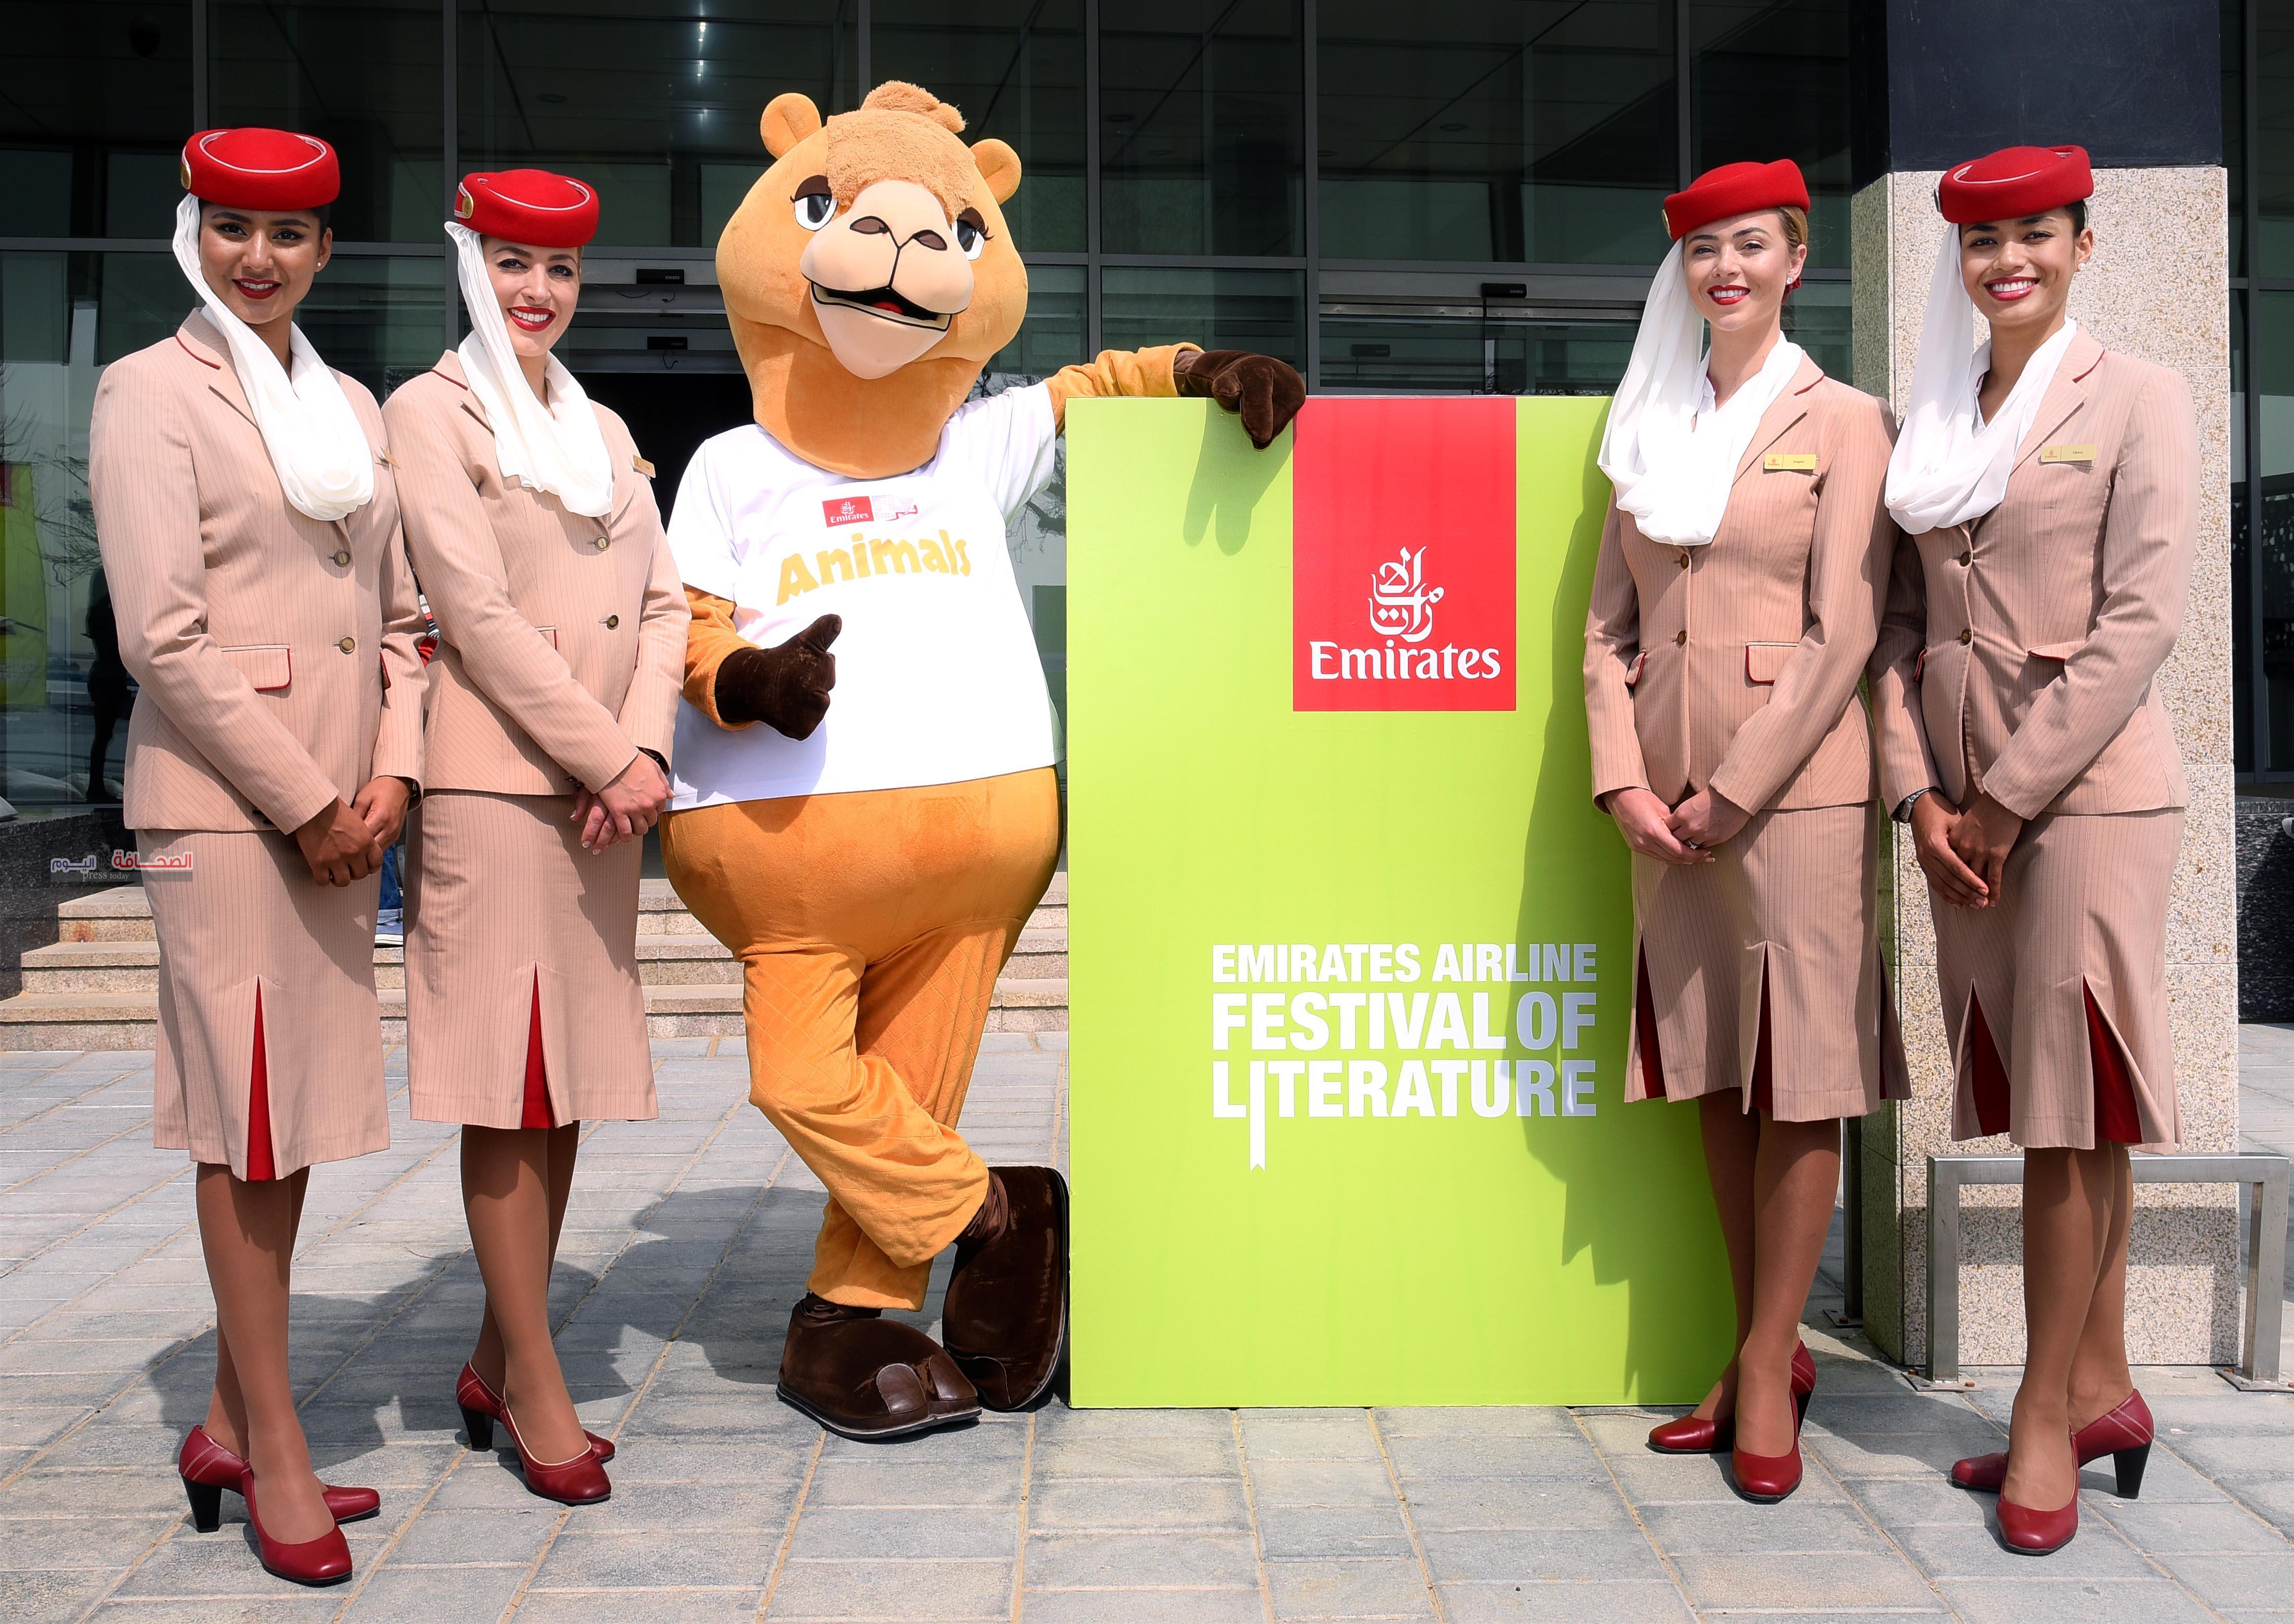 طيران الإمارات تحتفل بمرور 10 سنوات على رعاية مهرجان الآداب